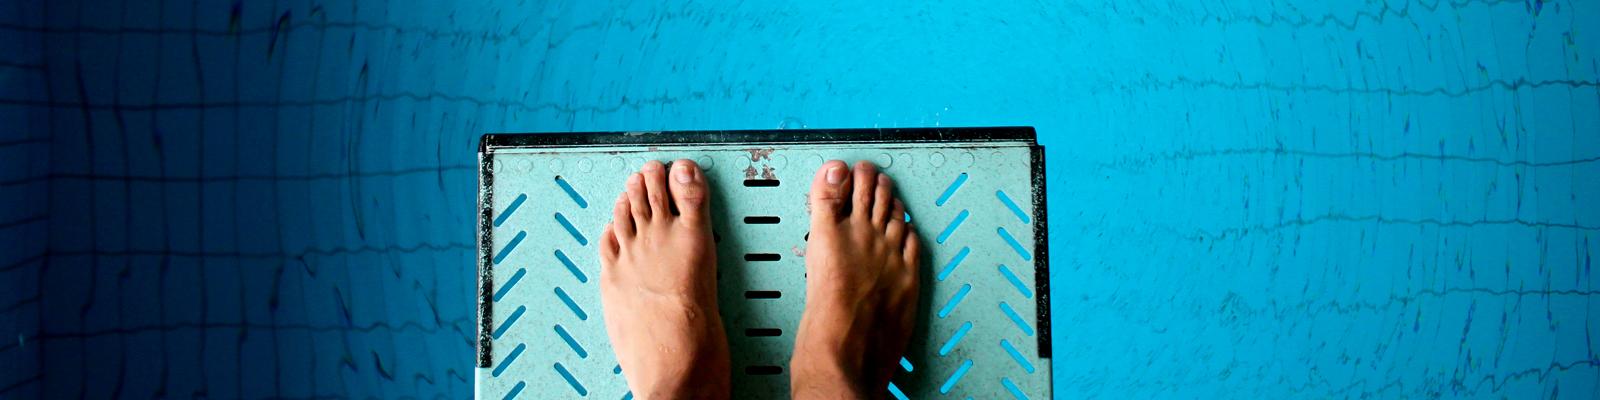 Ein Mann steht auf einem Sprungbrett - unter ihm ist der blaue Pool zu sehen